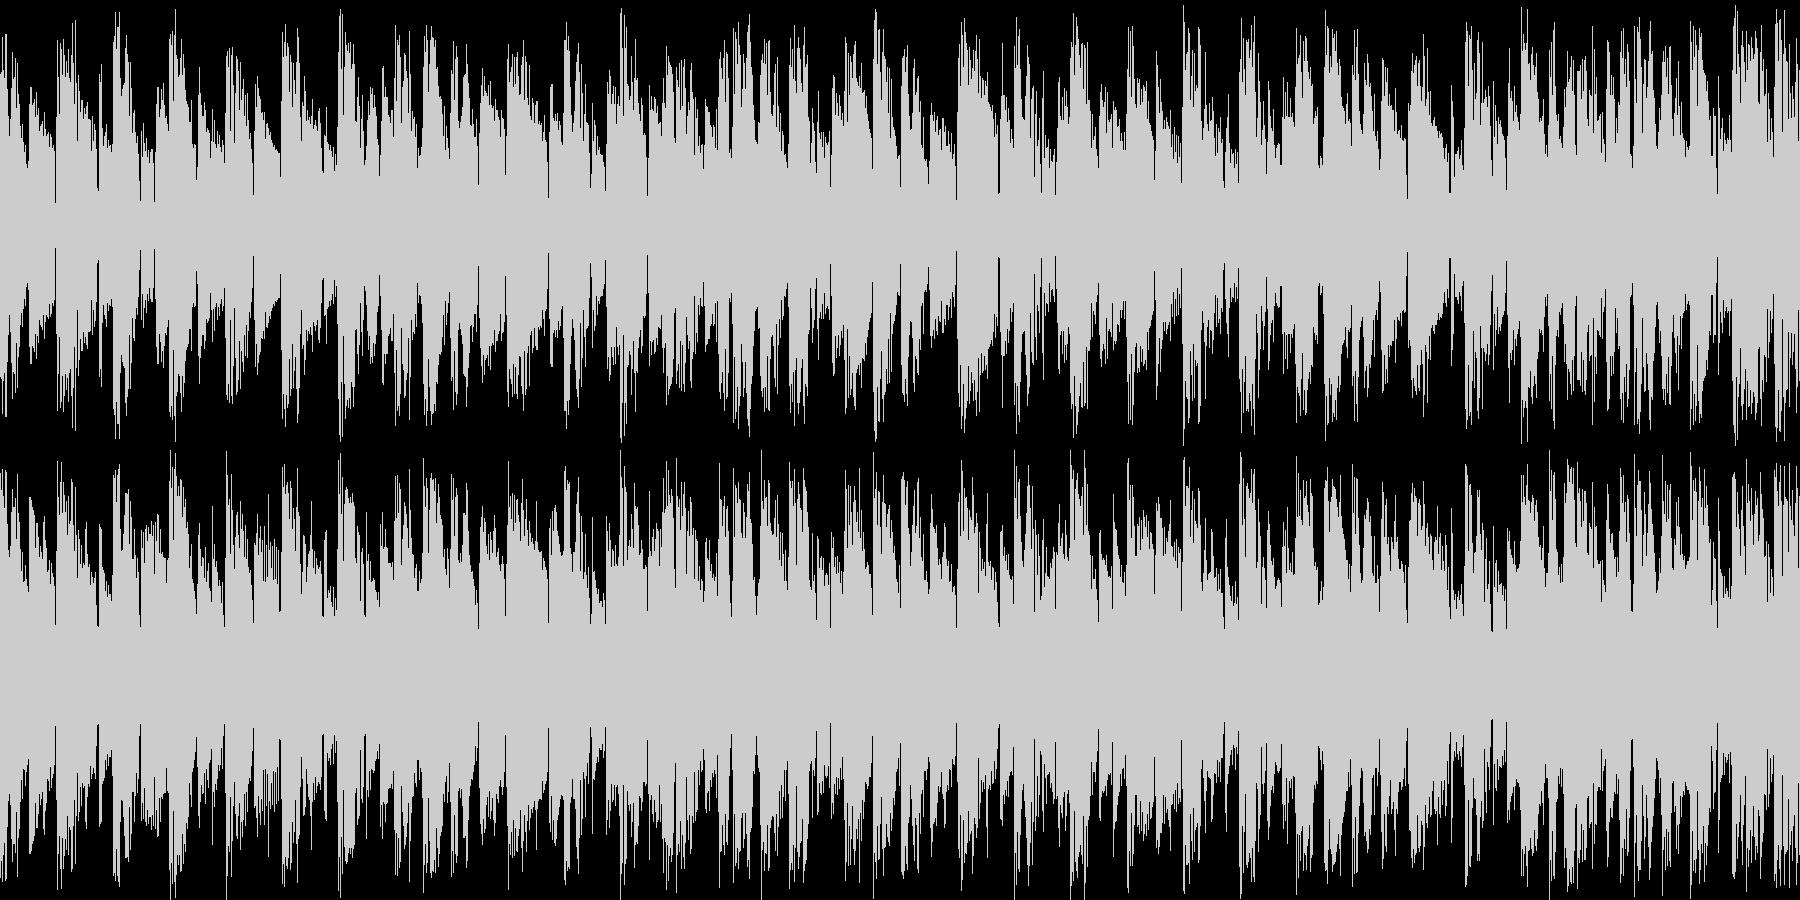 デジロック風四つ打ちループの未再生の波形